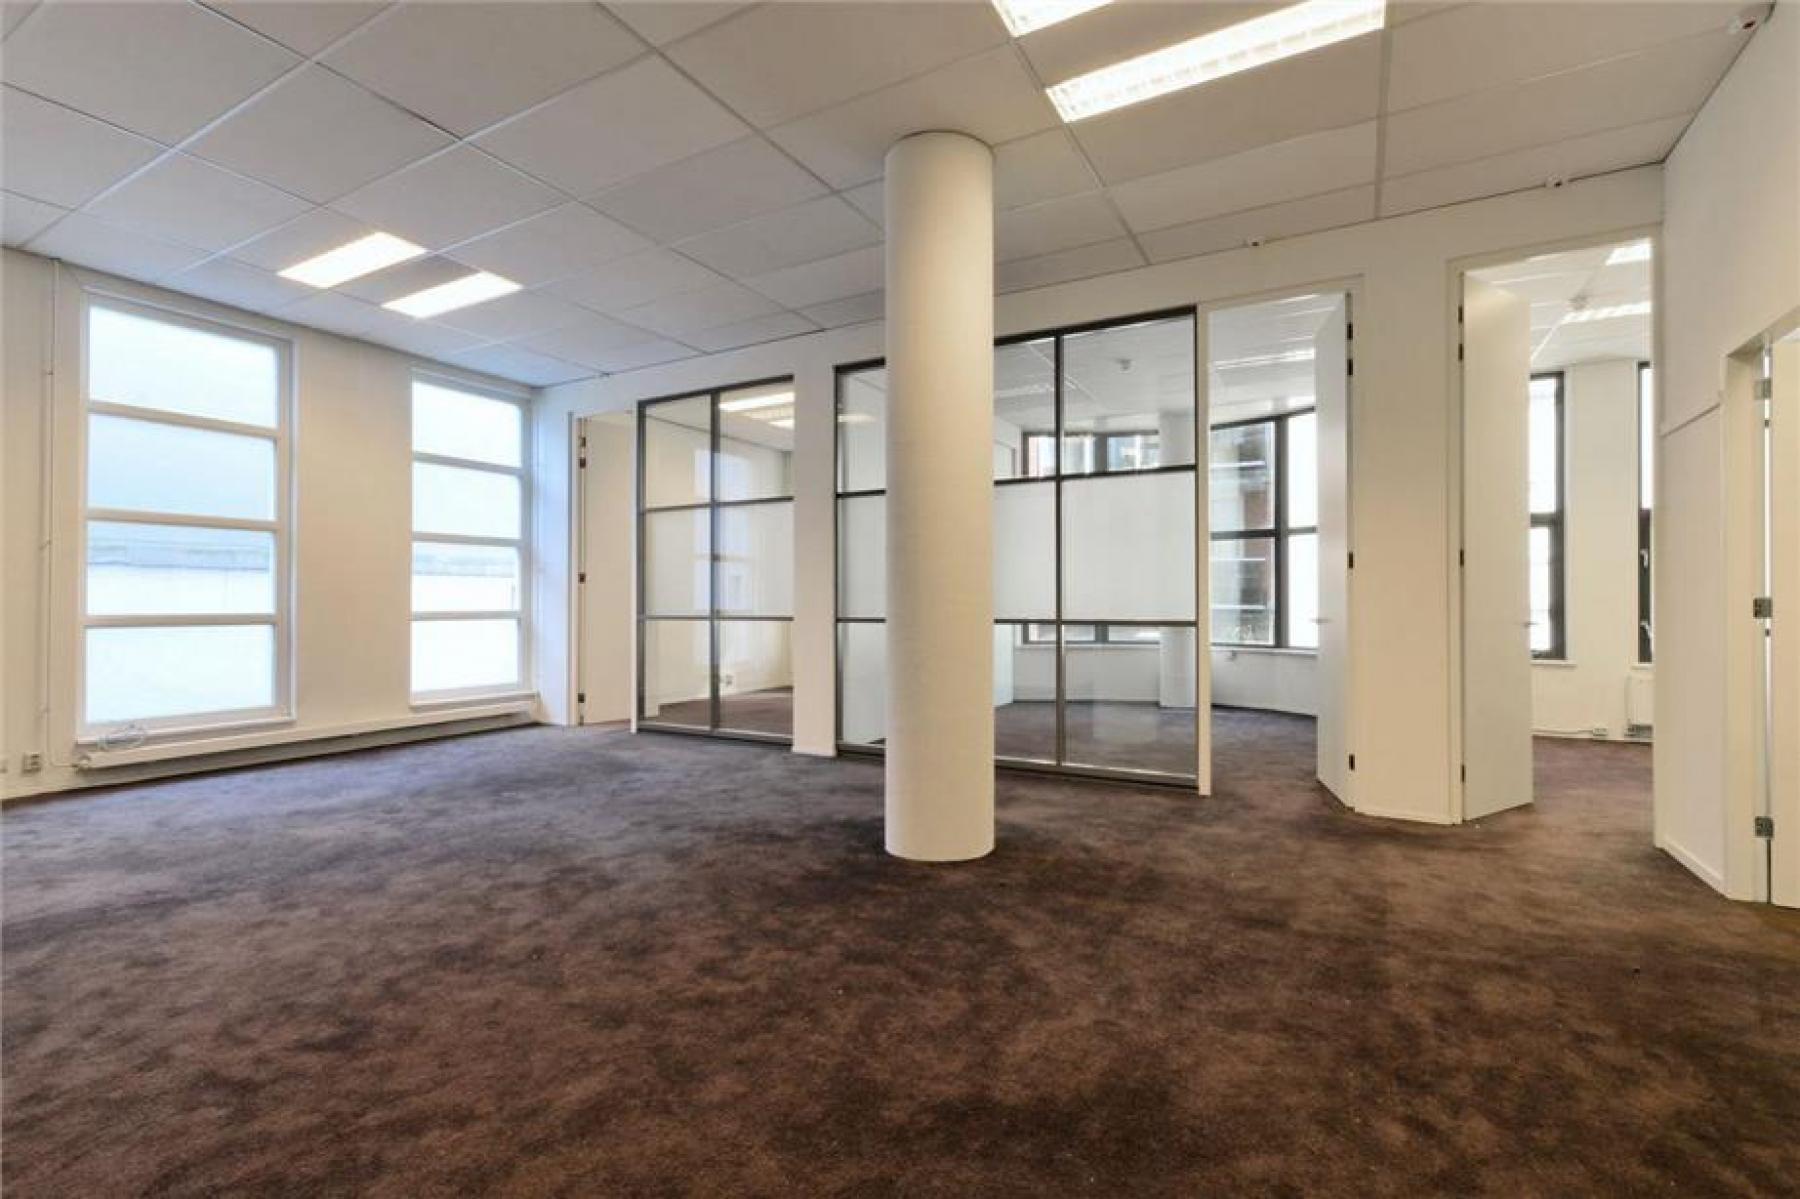 kantoorruimte op maat witte paal ramen in te richten amsterdam prinsengracht huren SKEPP